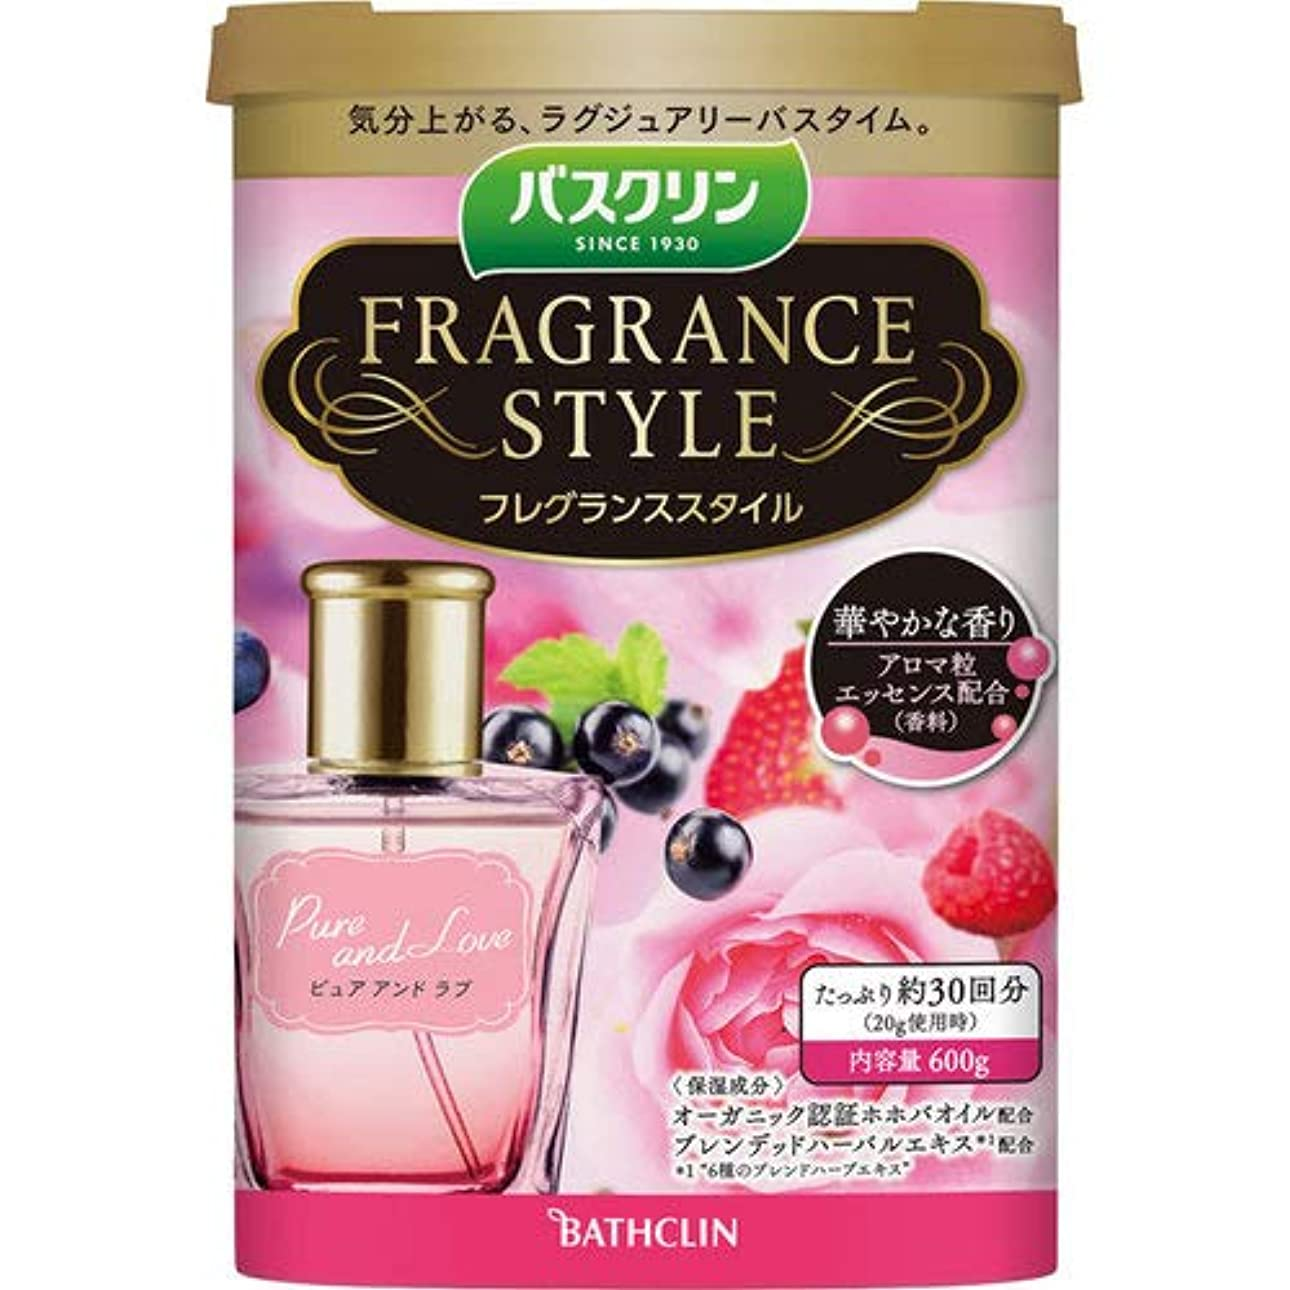 嫉妬なめるすでにバスクリンフレグランススタイルピュア アンド ラブ 入浴剤 フルーティーローズ調の香りの入浴剤 600g